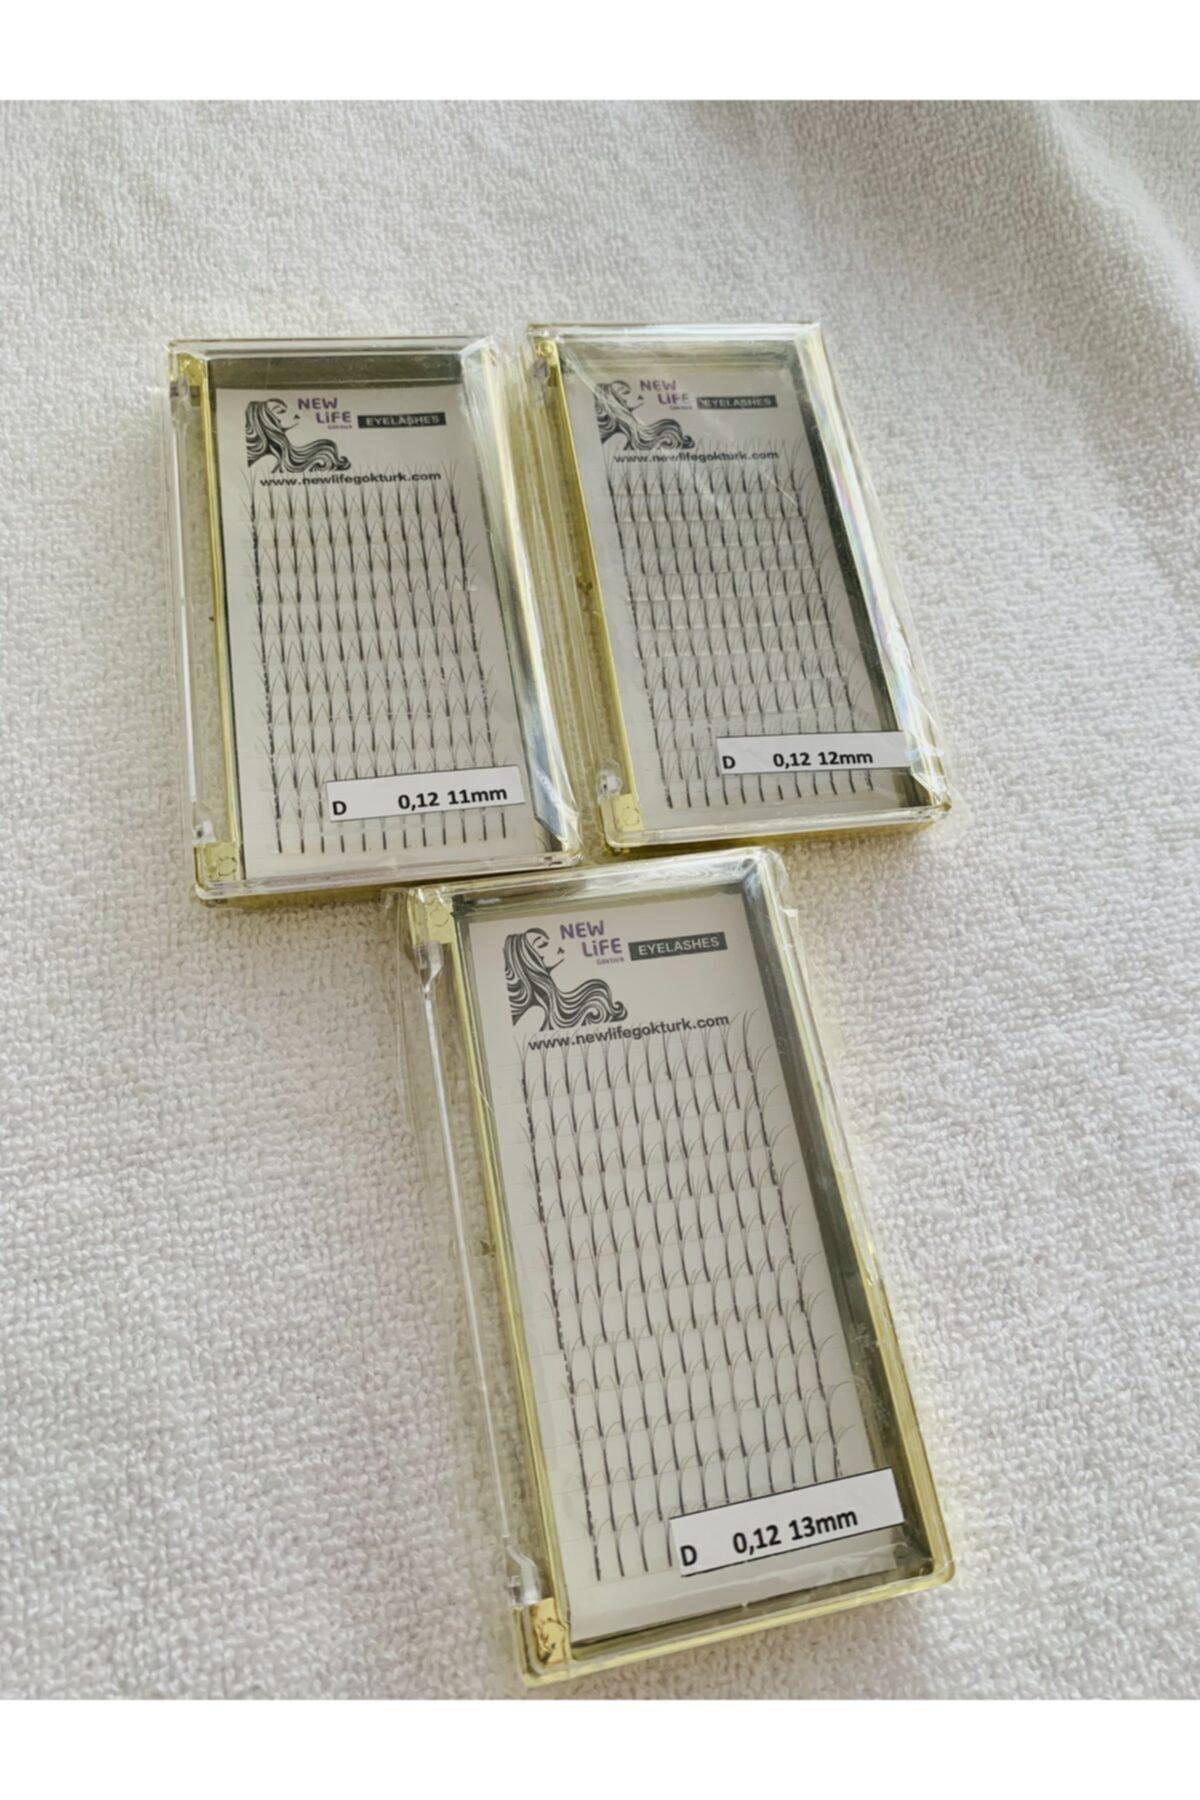 Ipek Kirpik 3d- 3 Kutu D Kıvrım 0,12 Kalınlık 11-12-13mm Uzunluk (HESAPLI PAKET)